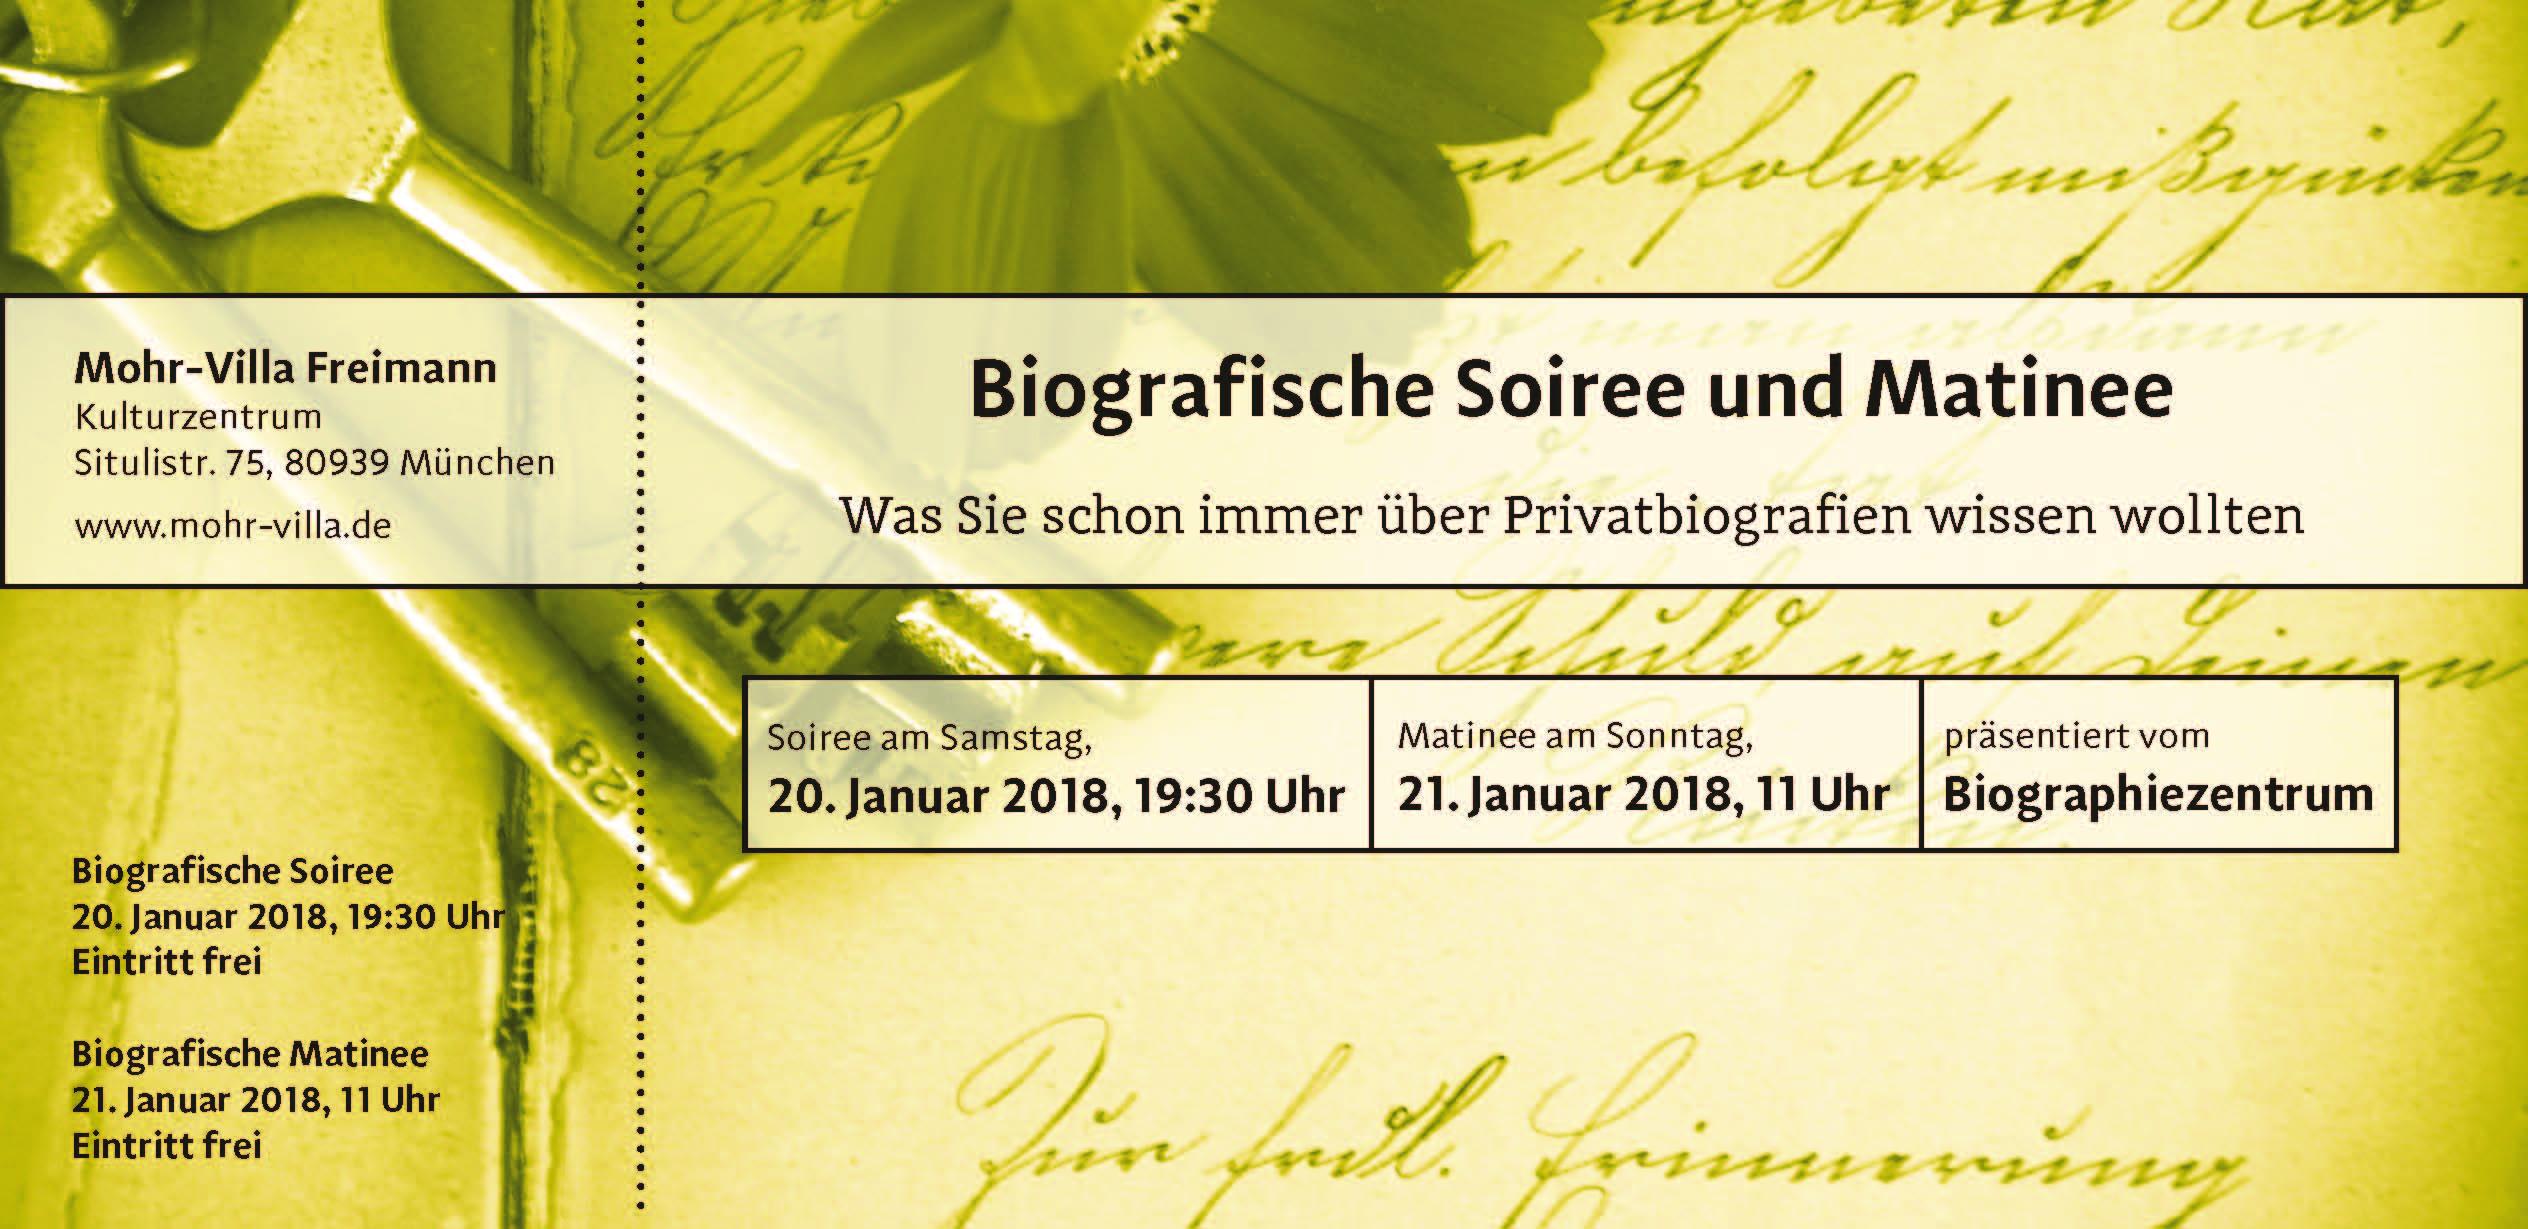 Großartig Zara Lebenslauf Spickzettel Galerie - Beispiel ...